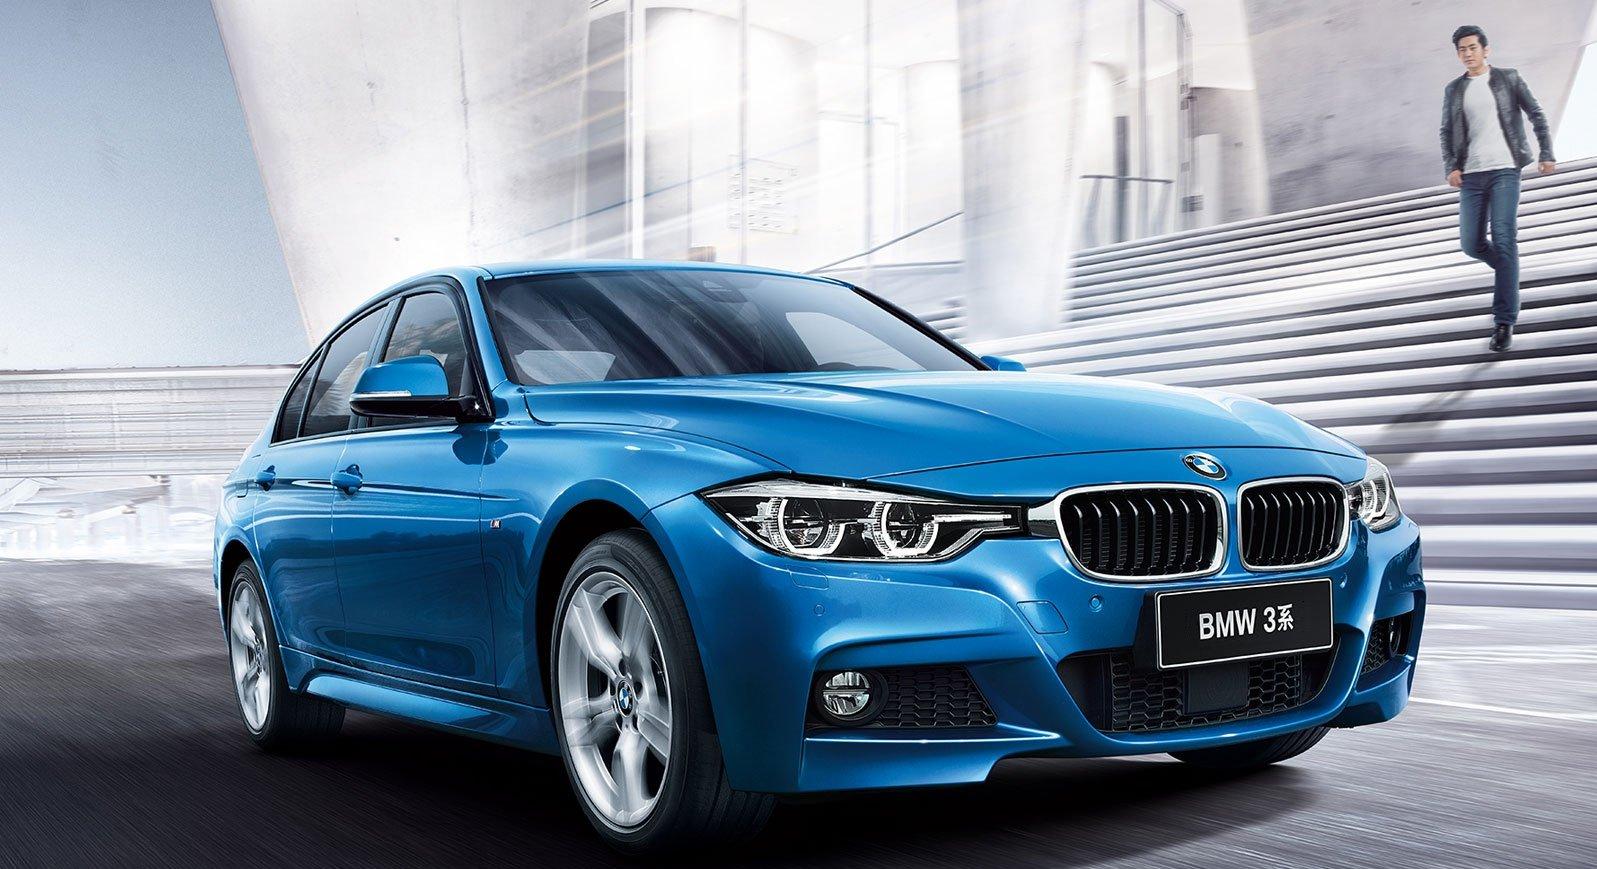 绵阳中达宝马BMW 3系,首付4.96万起,日供39元